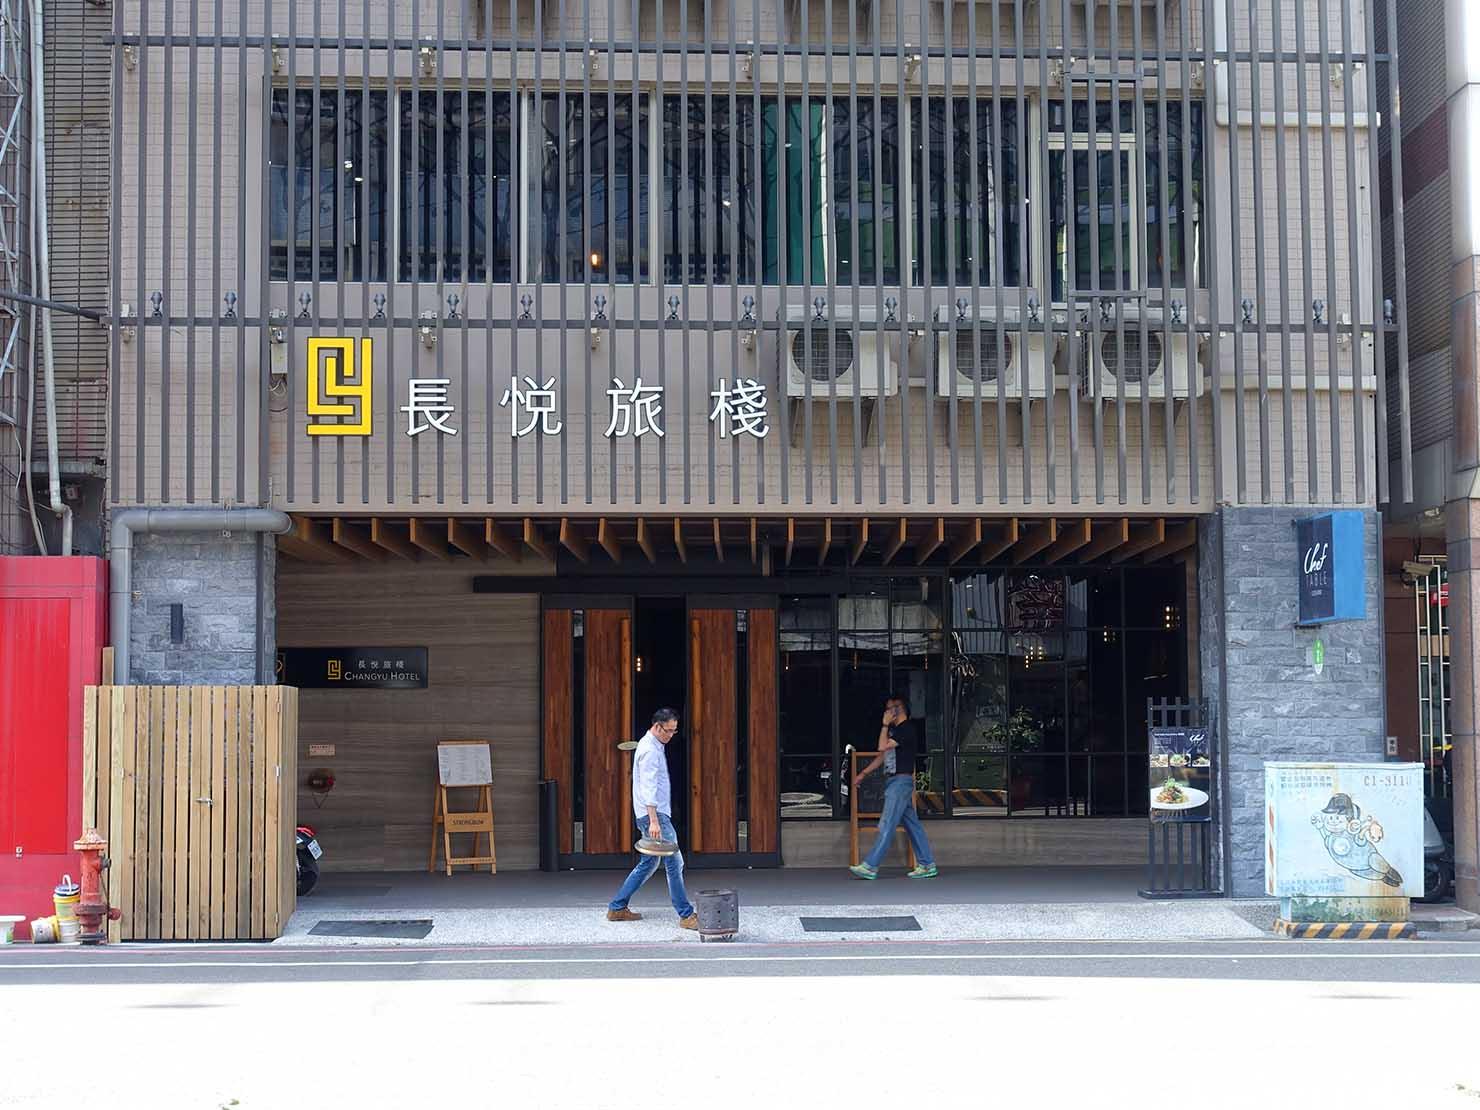 台南市内観光におすすめのホテル「長悅旅棧」の外観